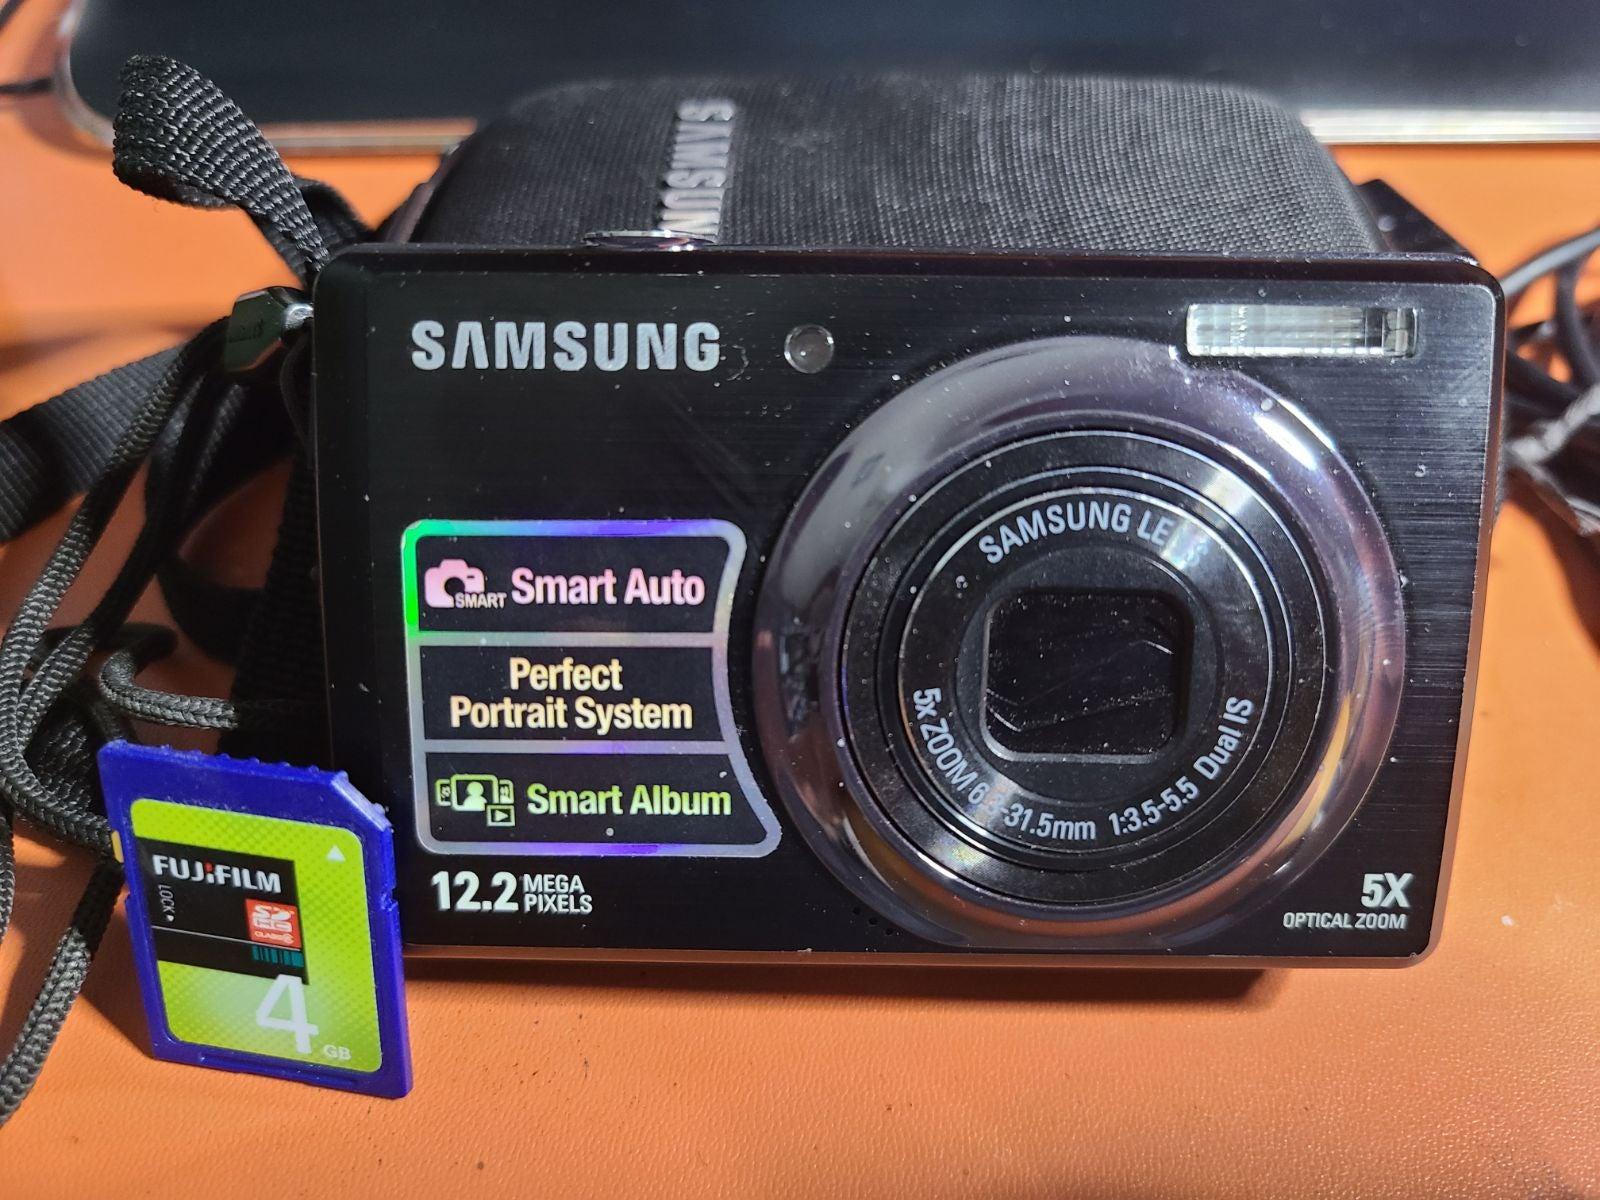 Samsung SL620 digital camera